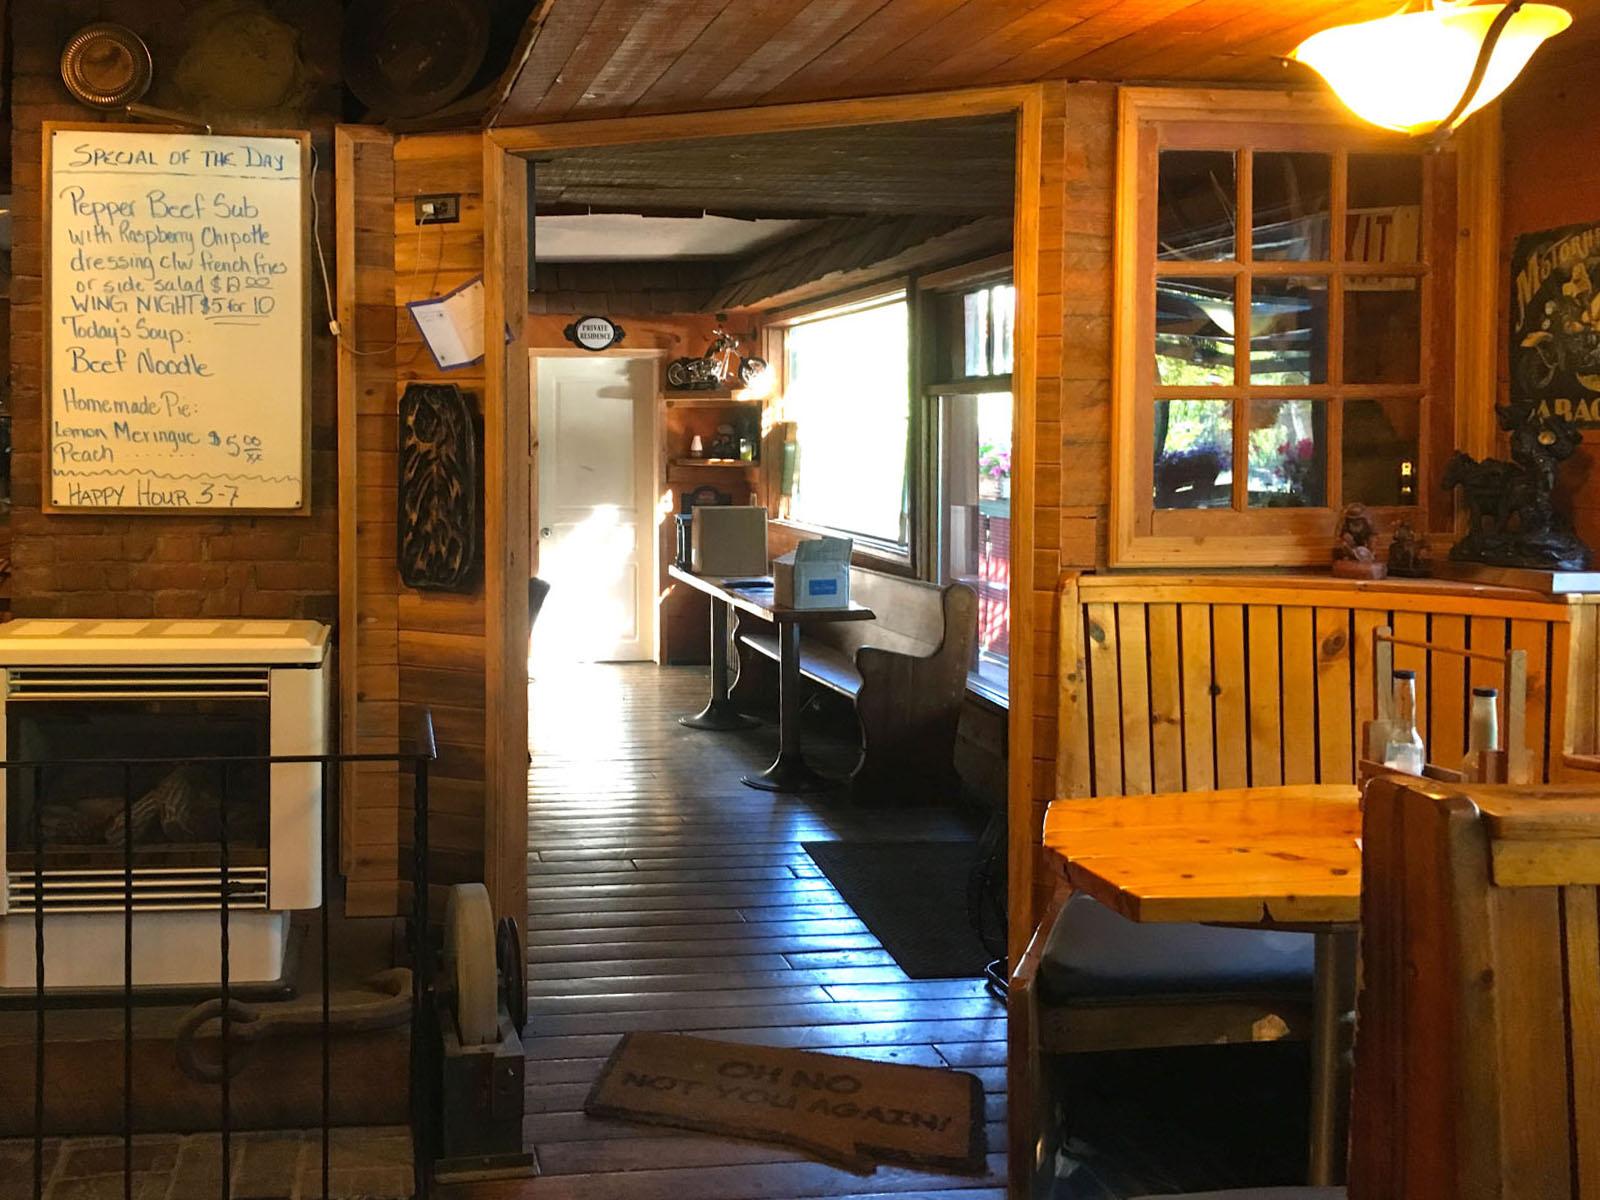 Porsopector pub rock creek 09